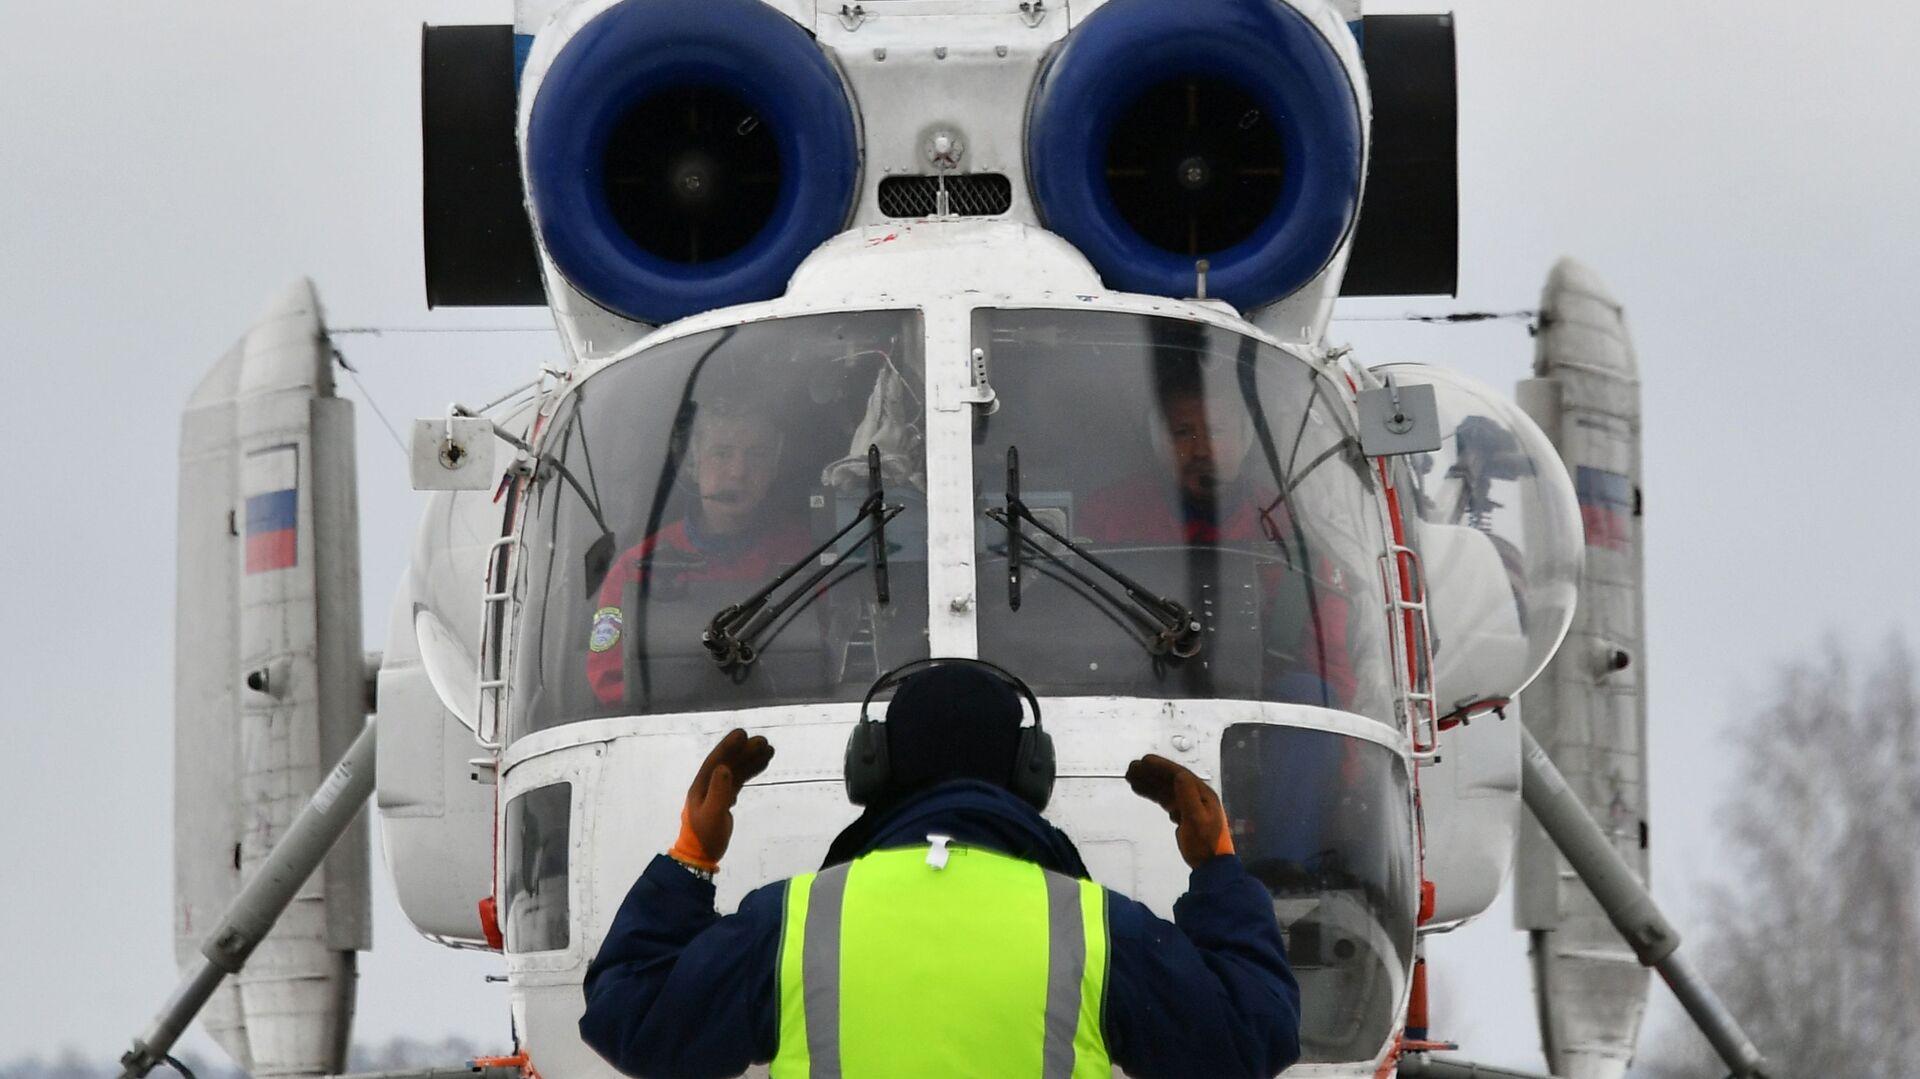 Вертолет Камов Ка-32А/АО в Московском авиационном центре - РИА Новости, 1920, 01.09.2021